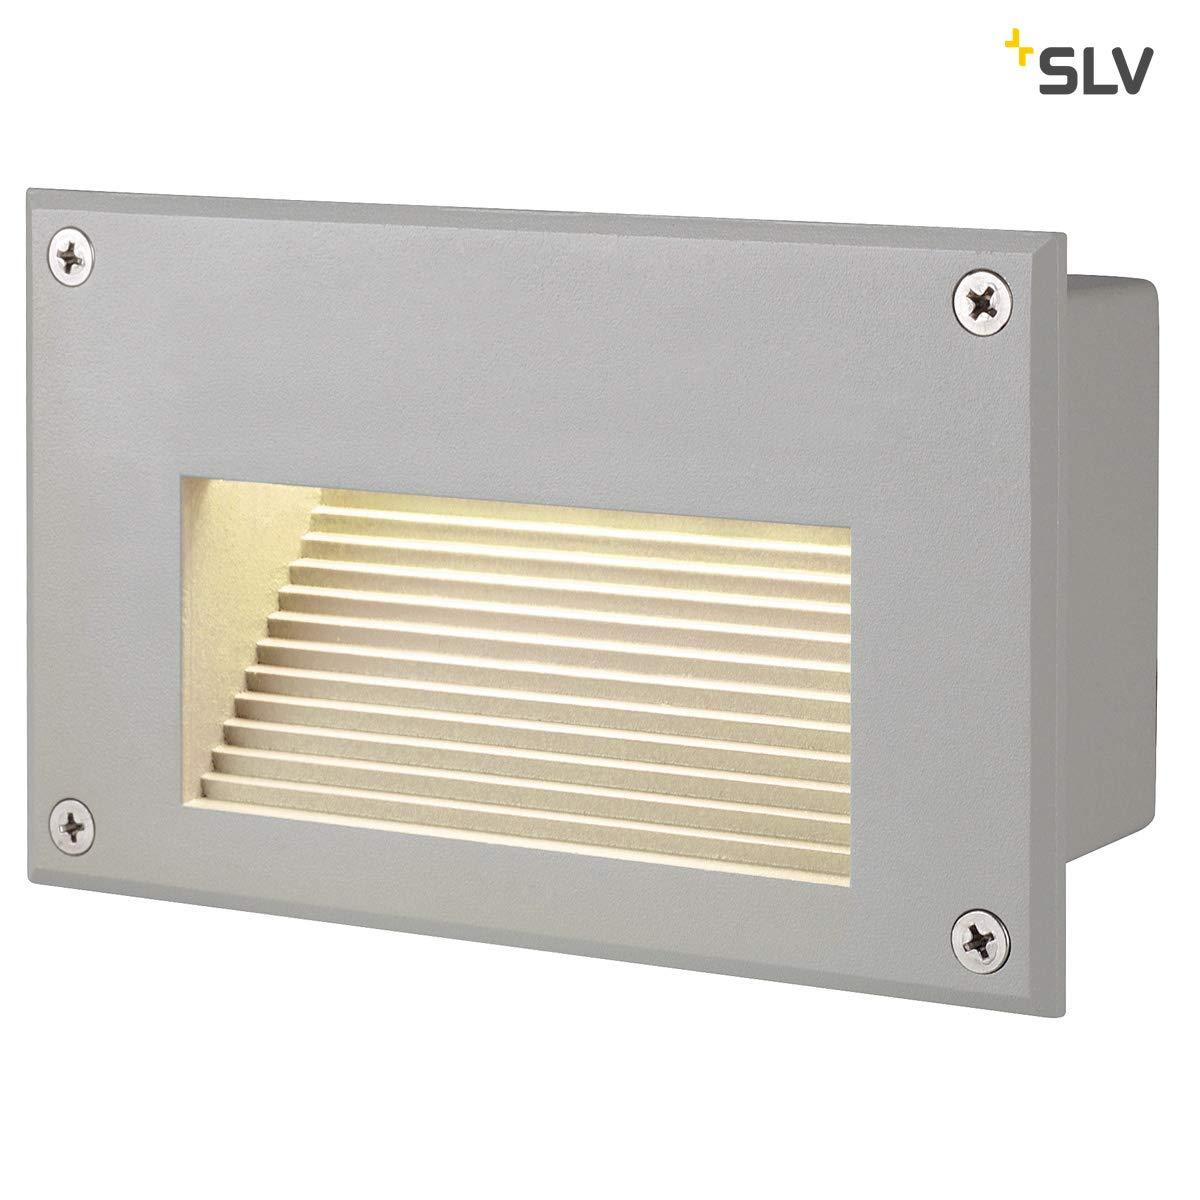 Lampada da parete di mattoni SLV LED Downunder LED bianco caldo 229.702 rettangolare grigio argento